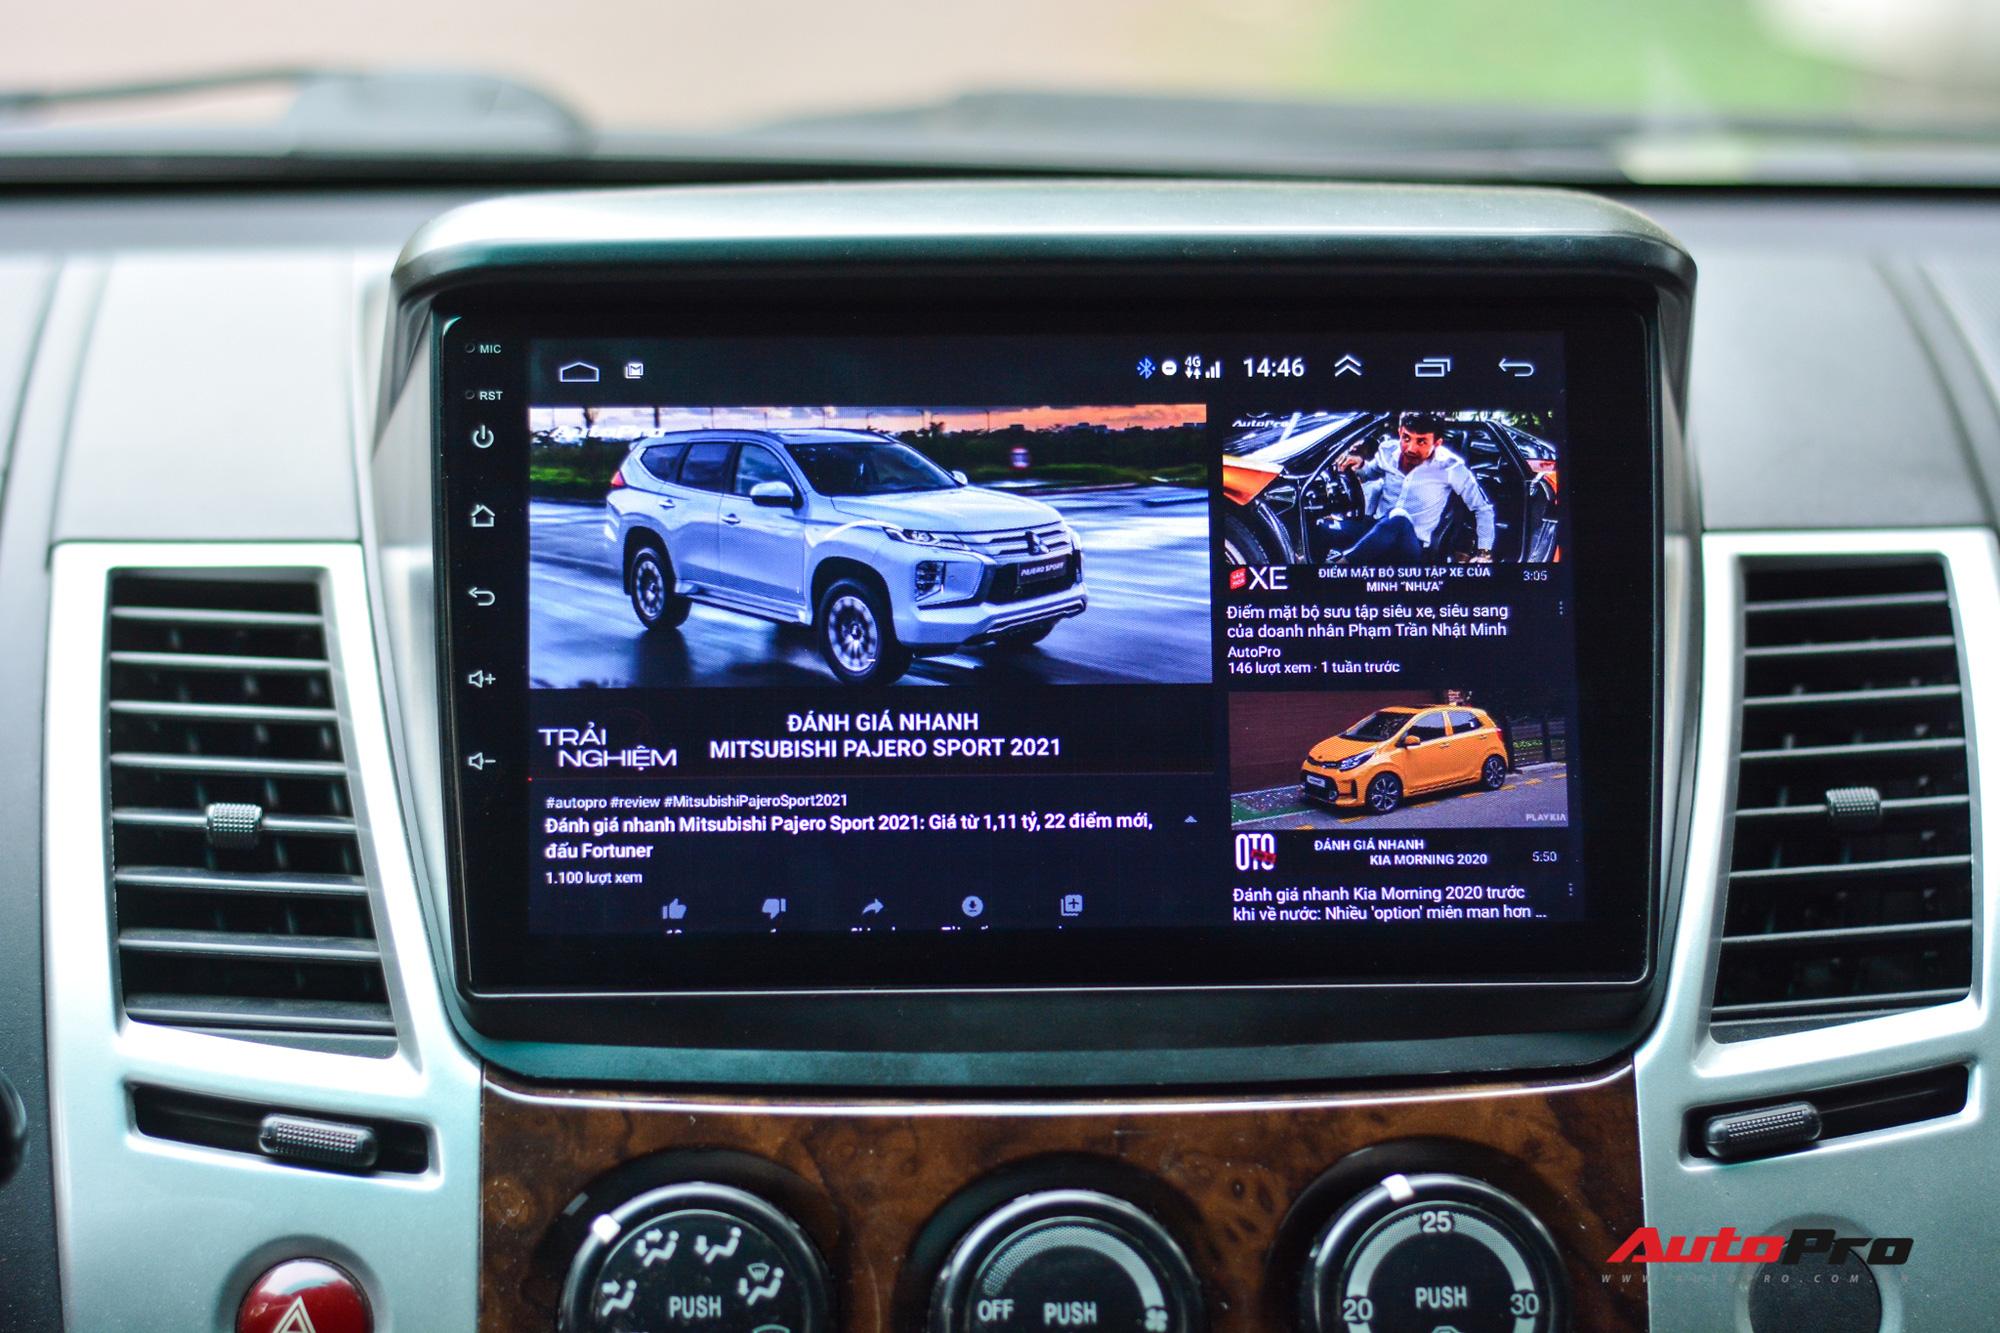 Màn hình giải trí chạy Android có thể mang tới những tính năng tiện nghi như lướt web, xem video trực tuyến, bản đồ,...